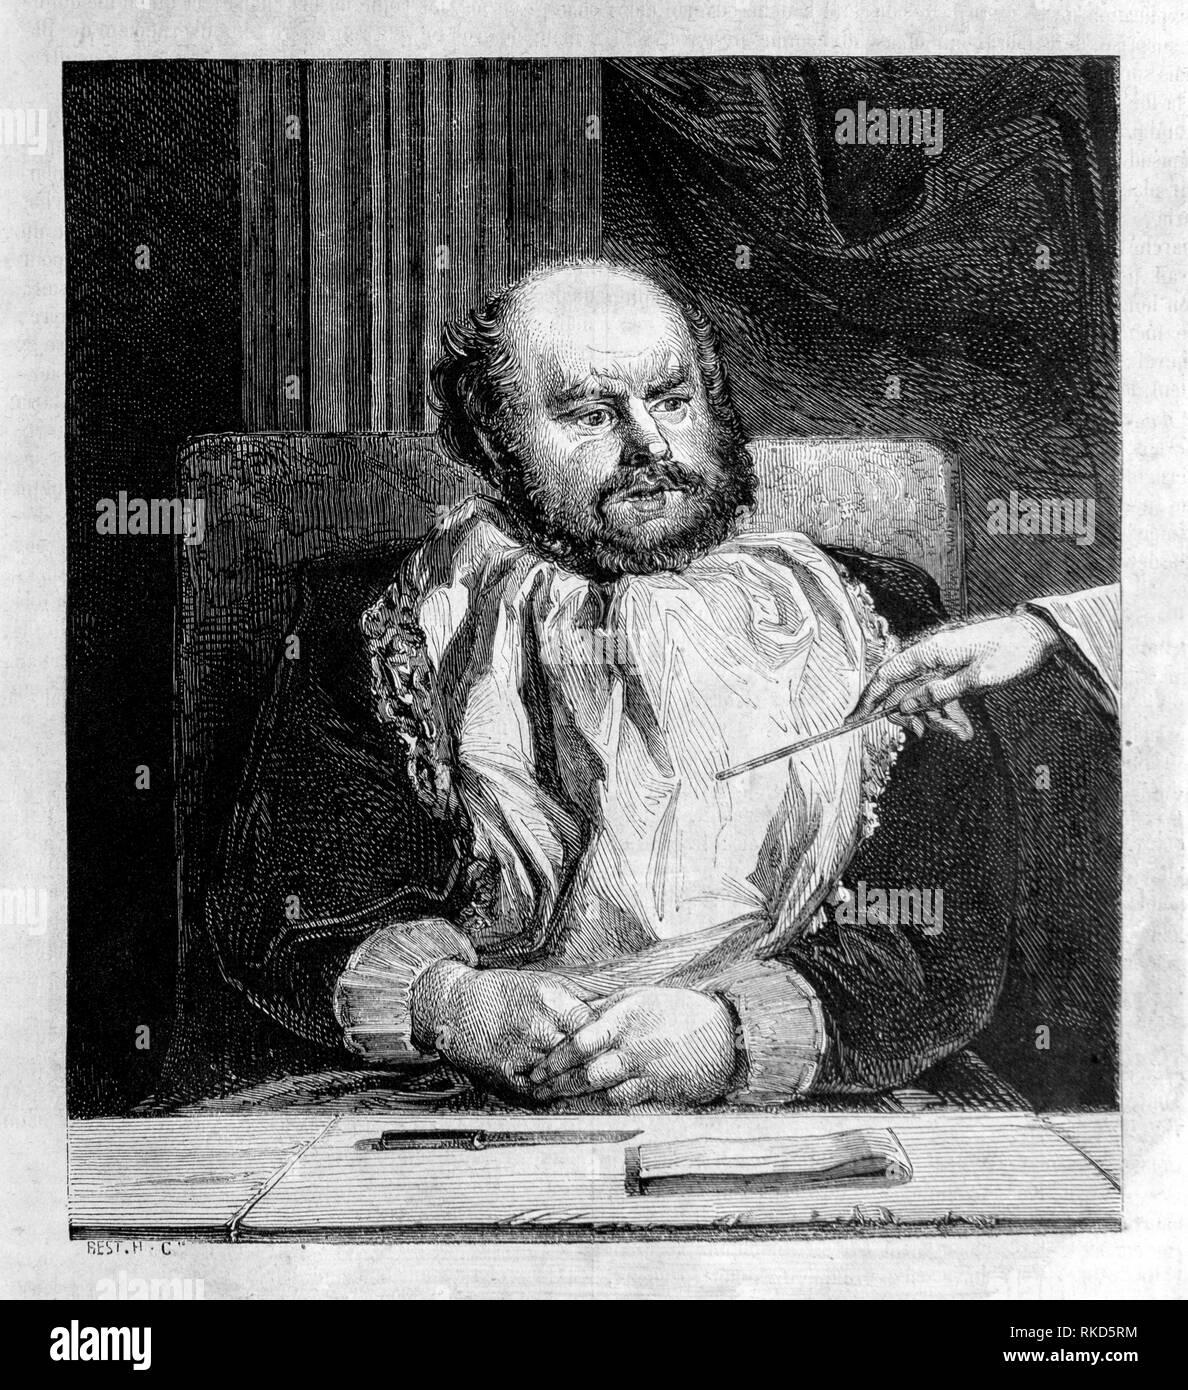 Sancho Panza ist eine fiktive Figur in dem Roman Don Quijote von Spanischen Autor Don Miguel de Cervantes Saavedra im Jahre 1605 geschrieben. Sancho fungiert als Stockbild